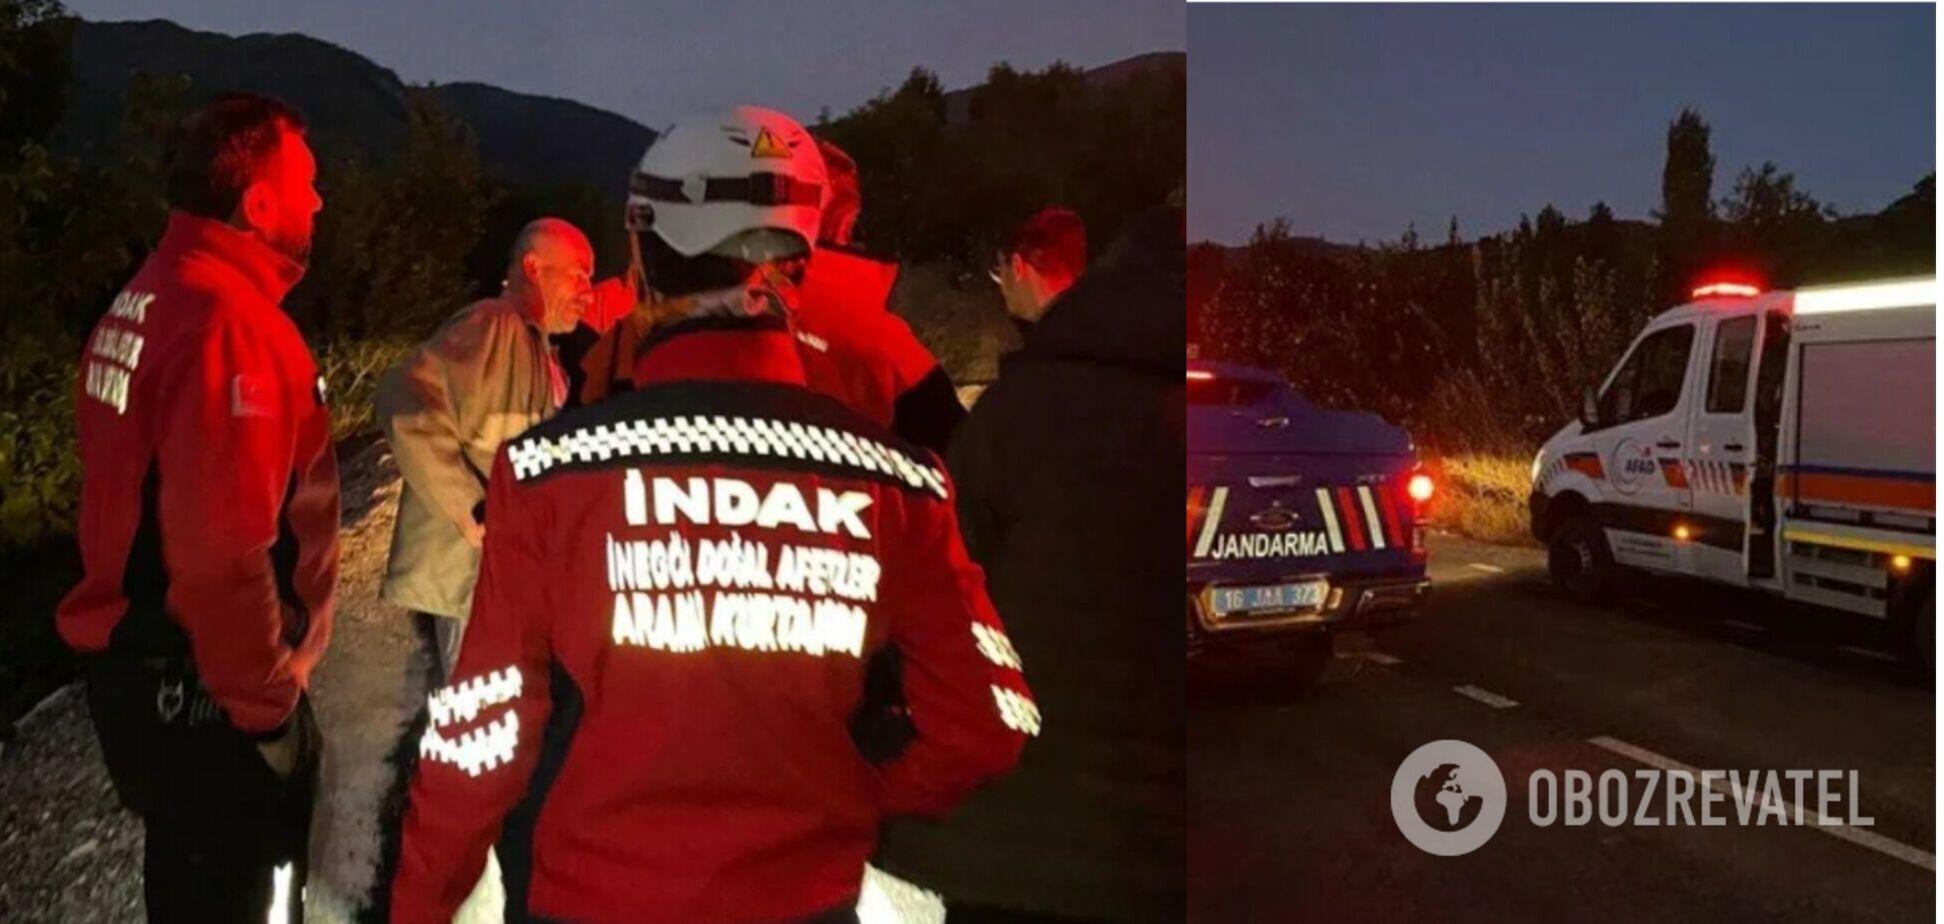 Кілька годин шукав сам себе: в Туреччині чоловік напідпитку приєднався до рятувальників. Фото